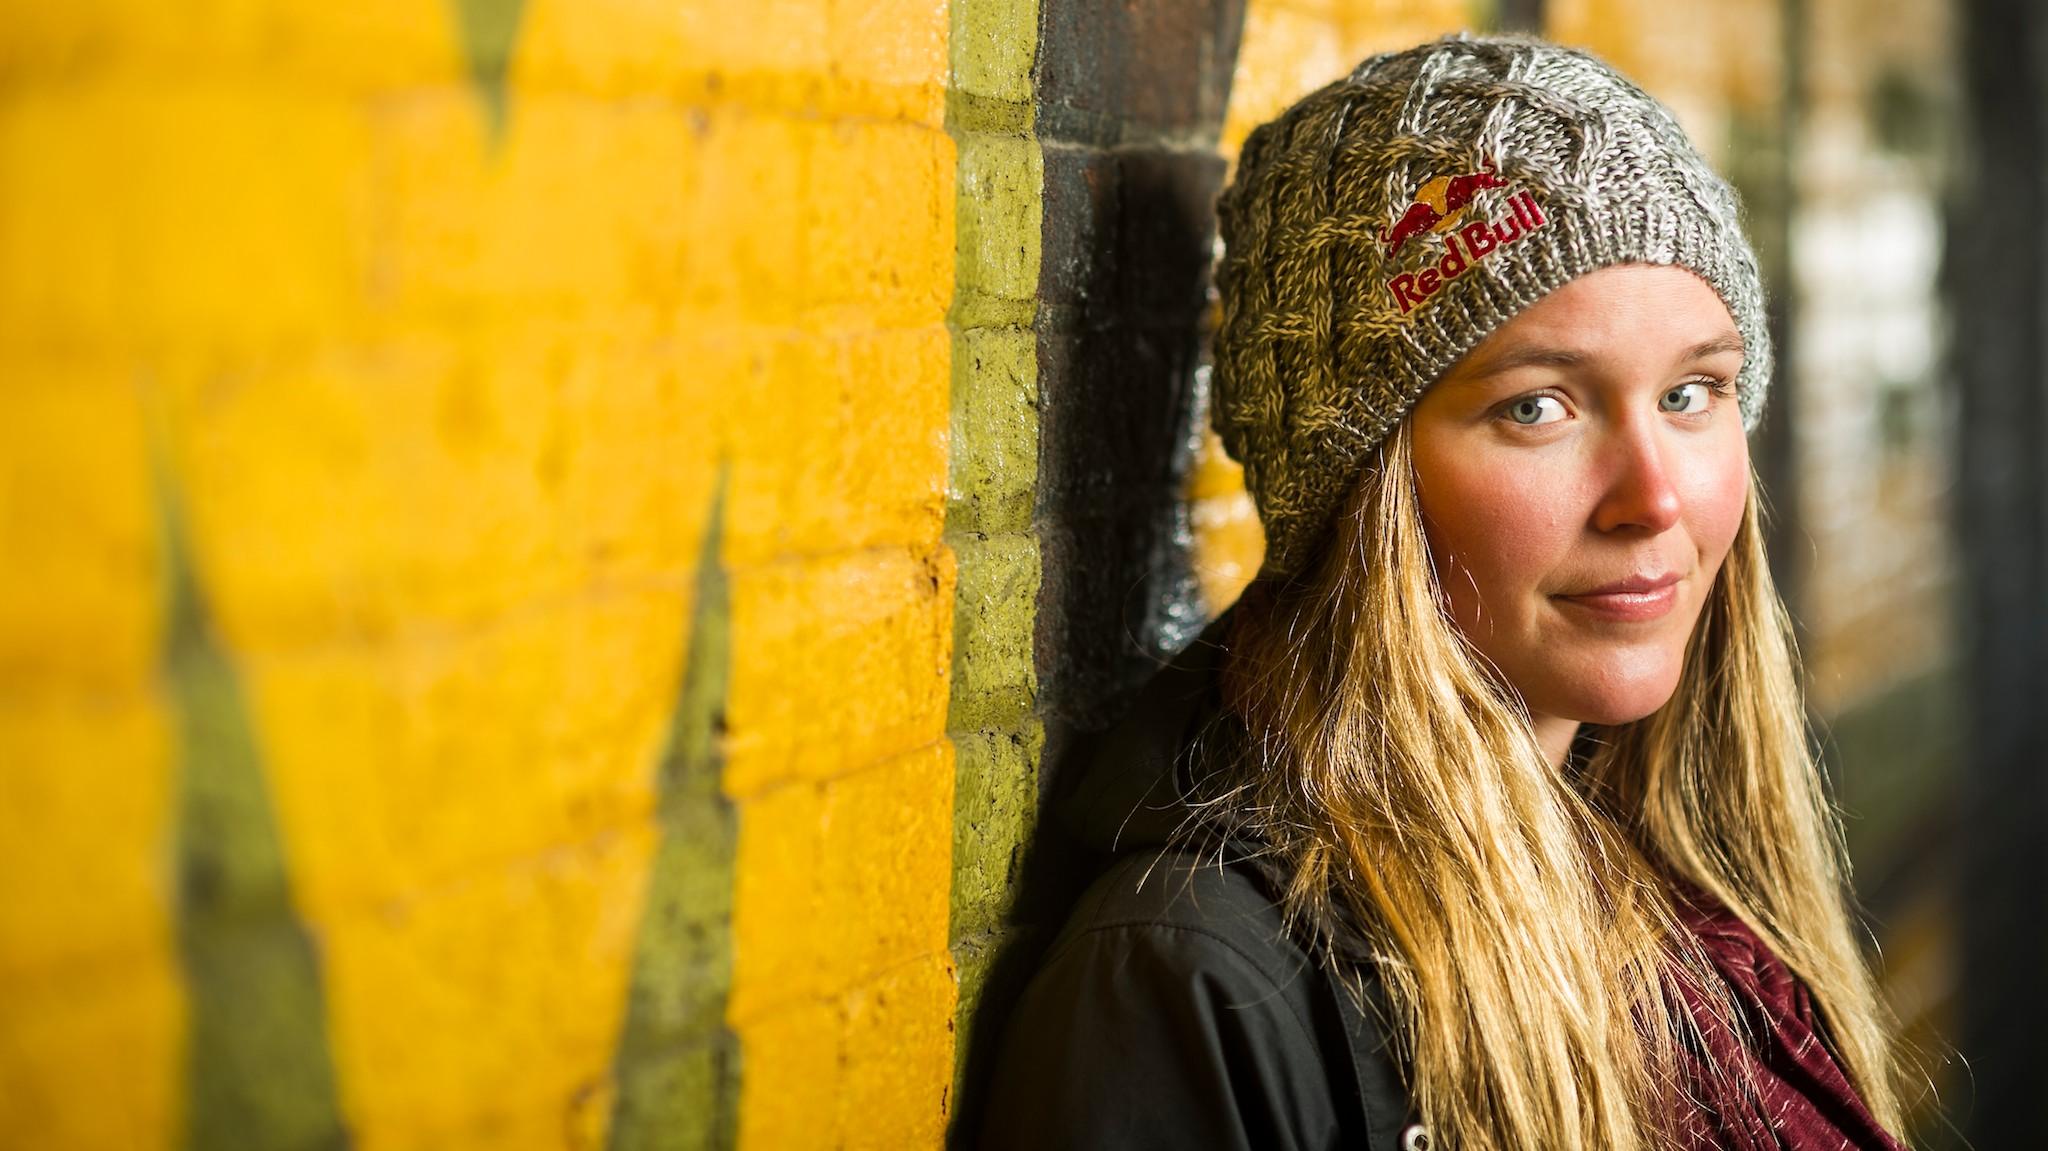 10. Grete Eliassen